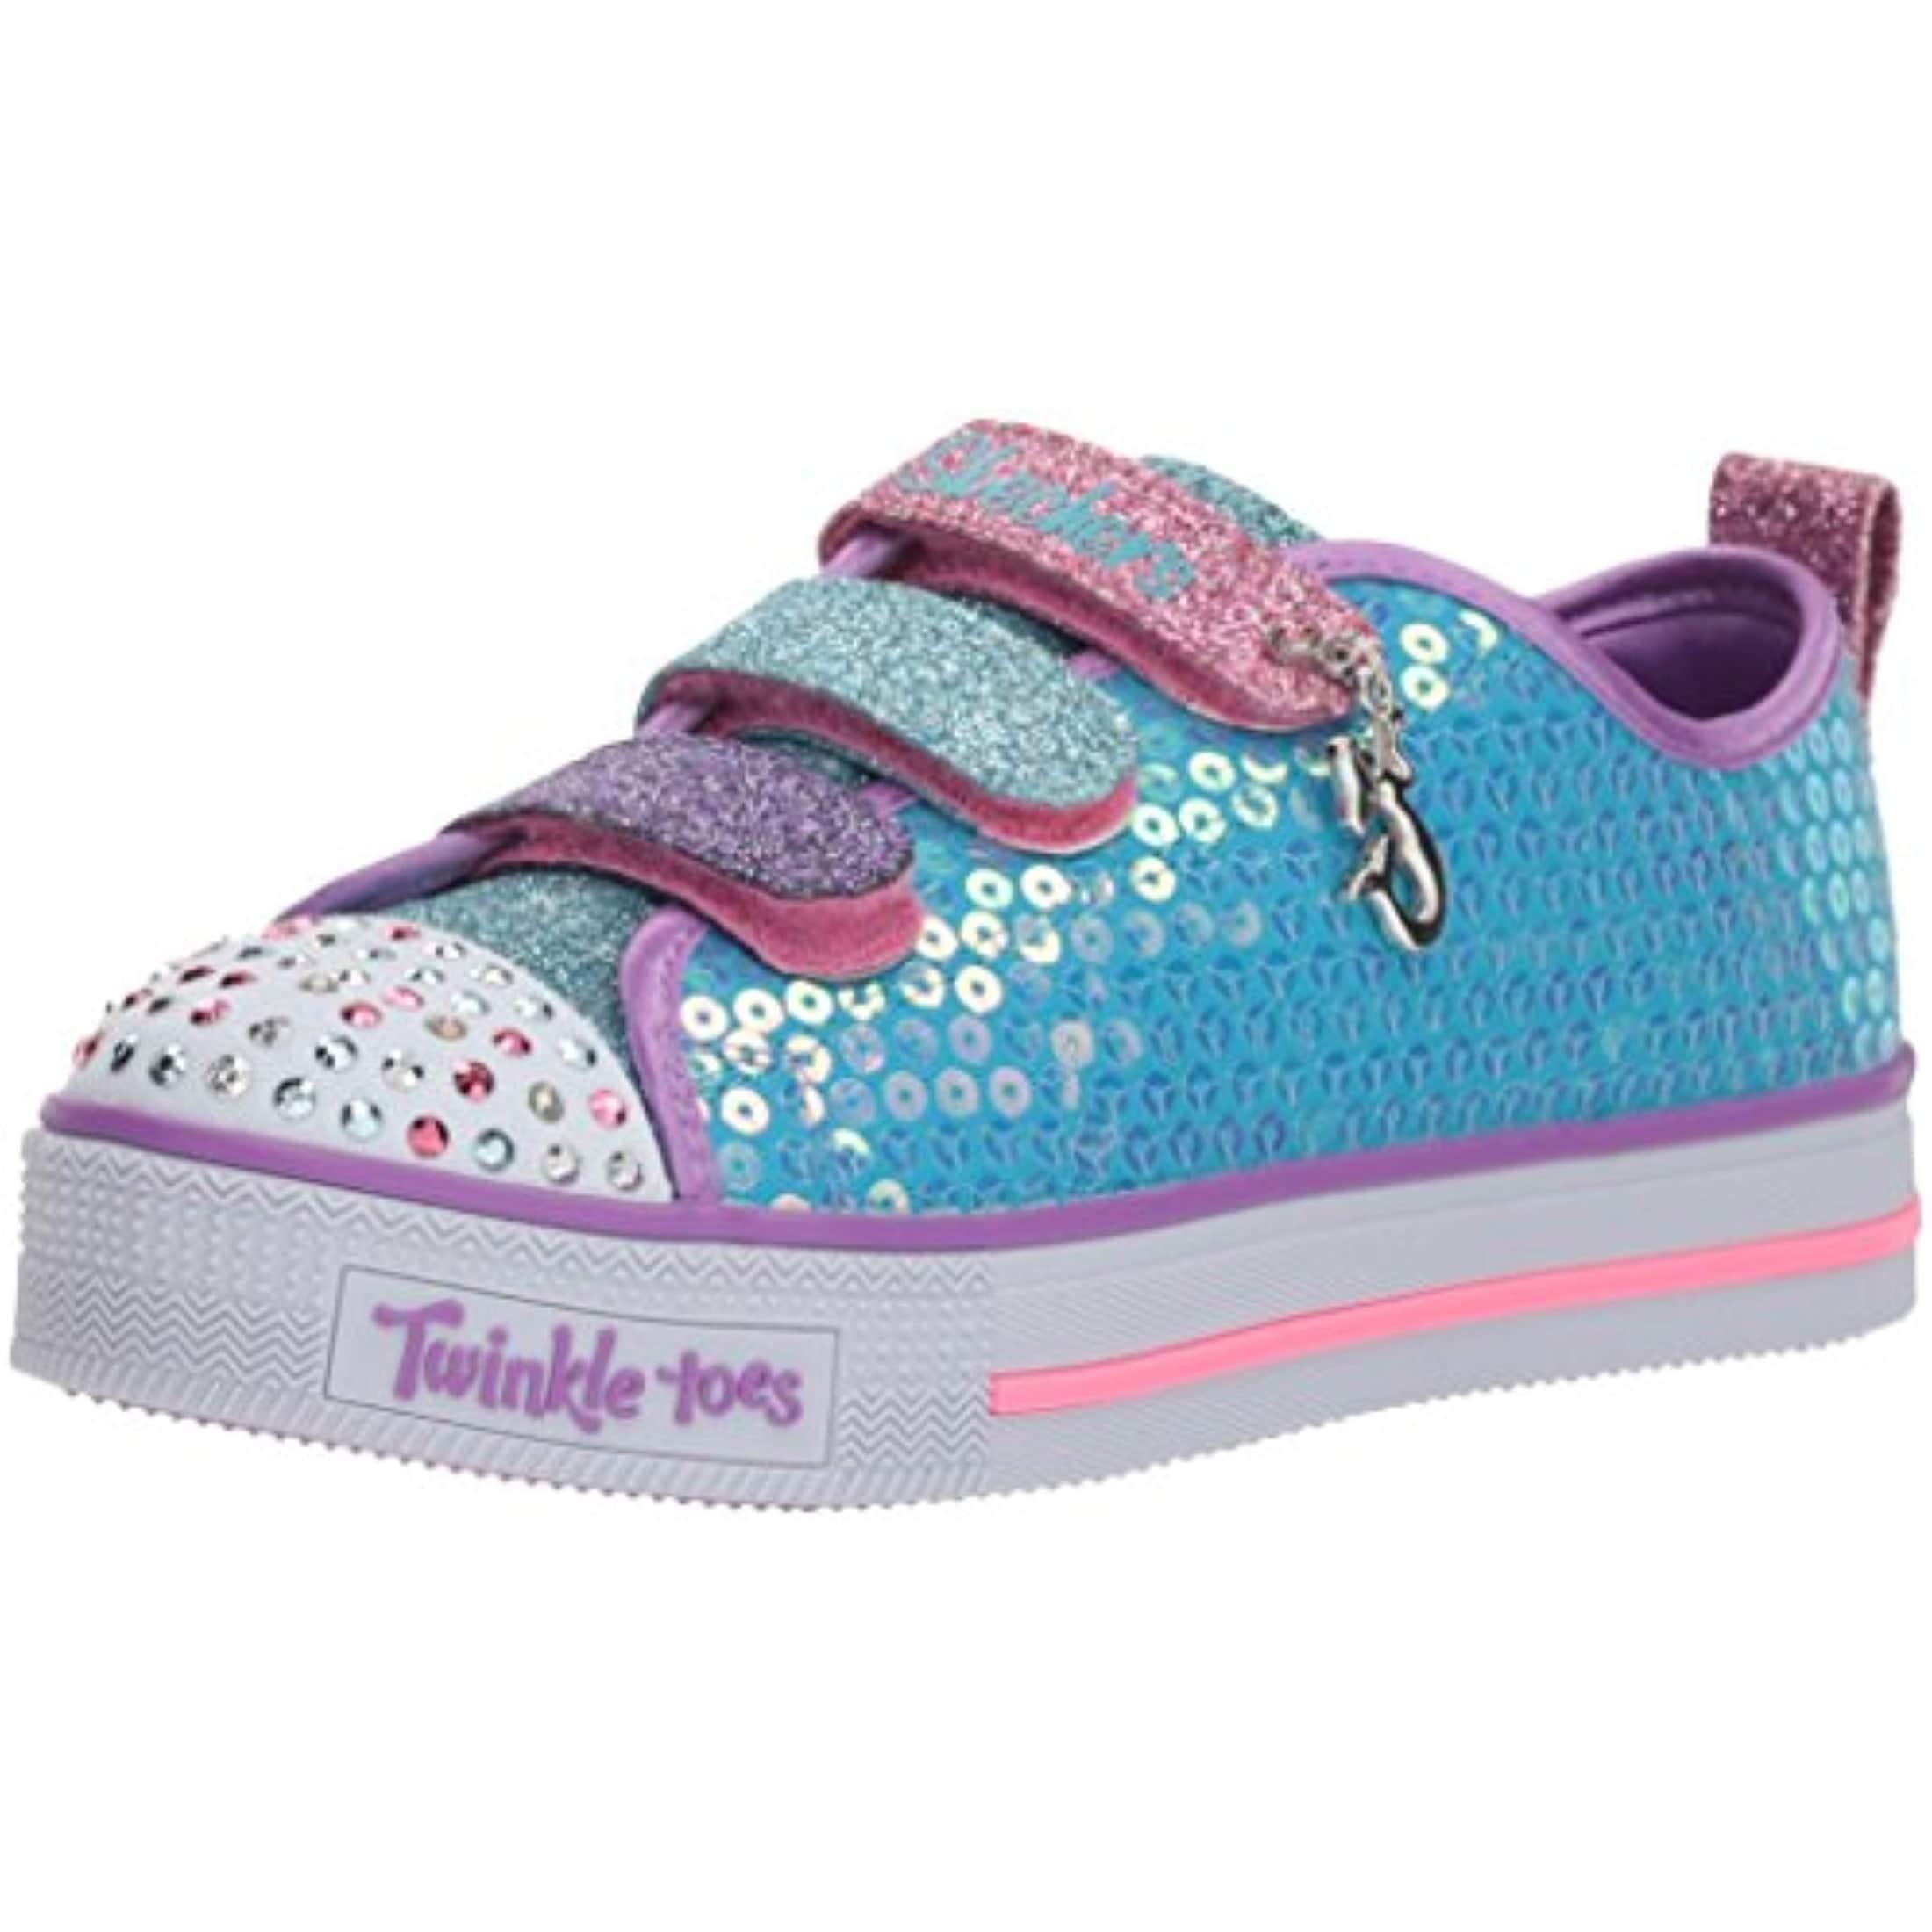 Skechers Kids Girls Twinkle Lite Mermaid Magic Sneaker, TurquoiseMulti, Little